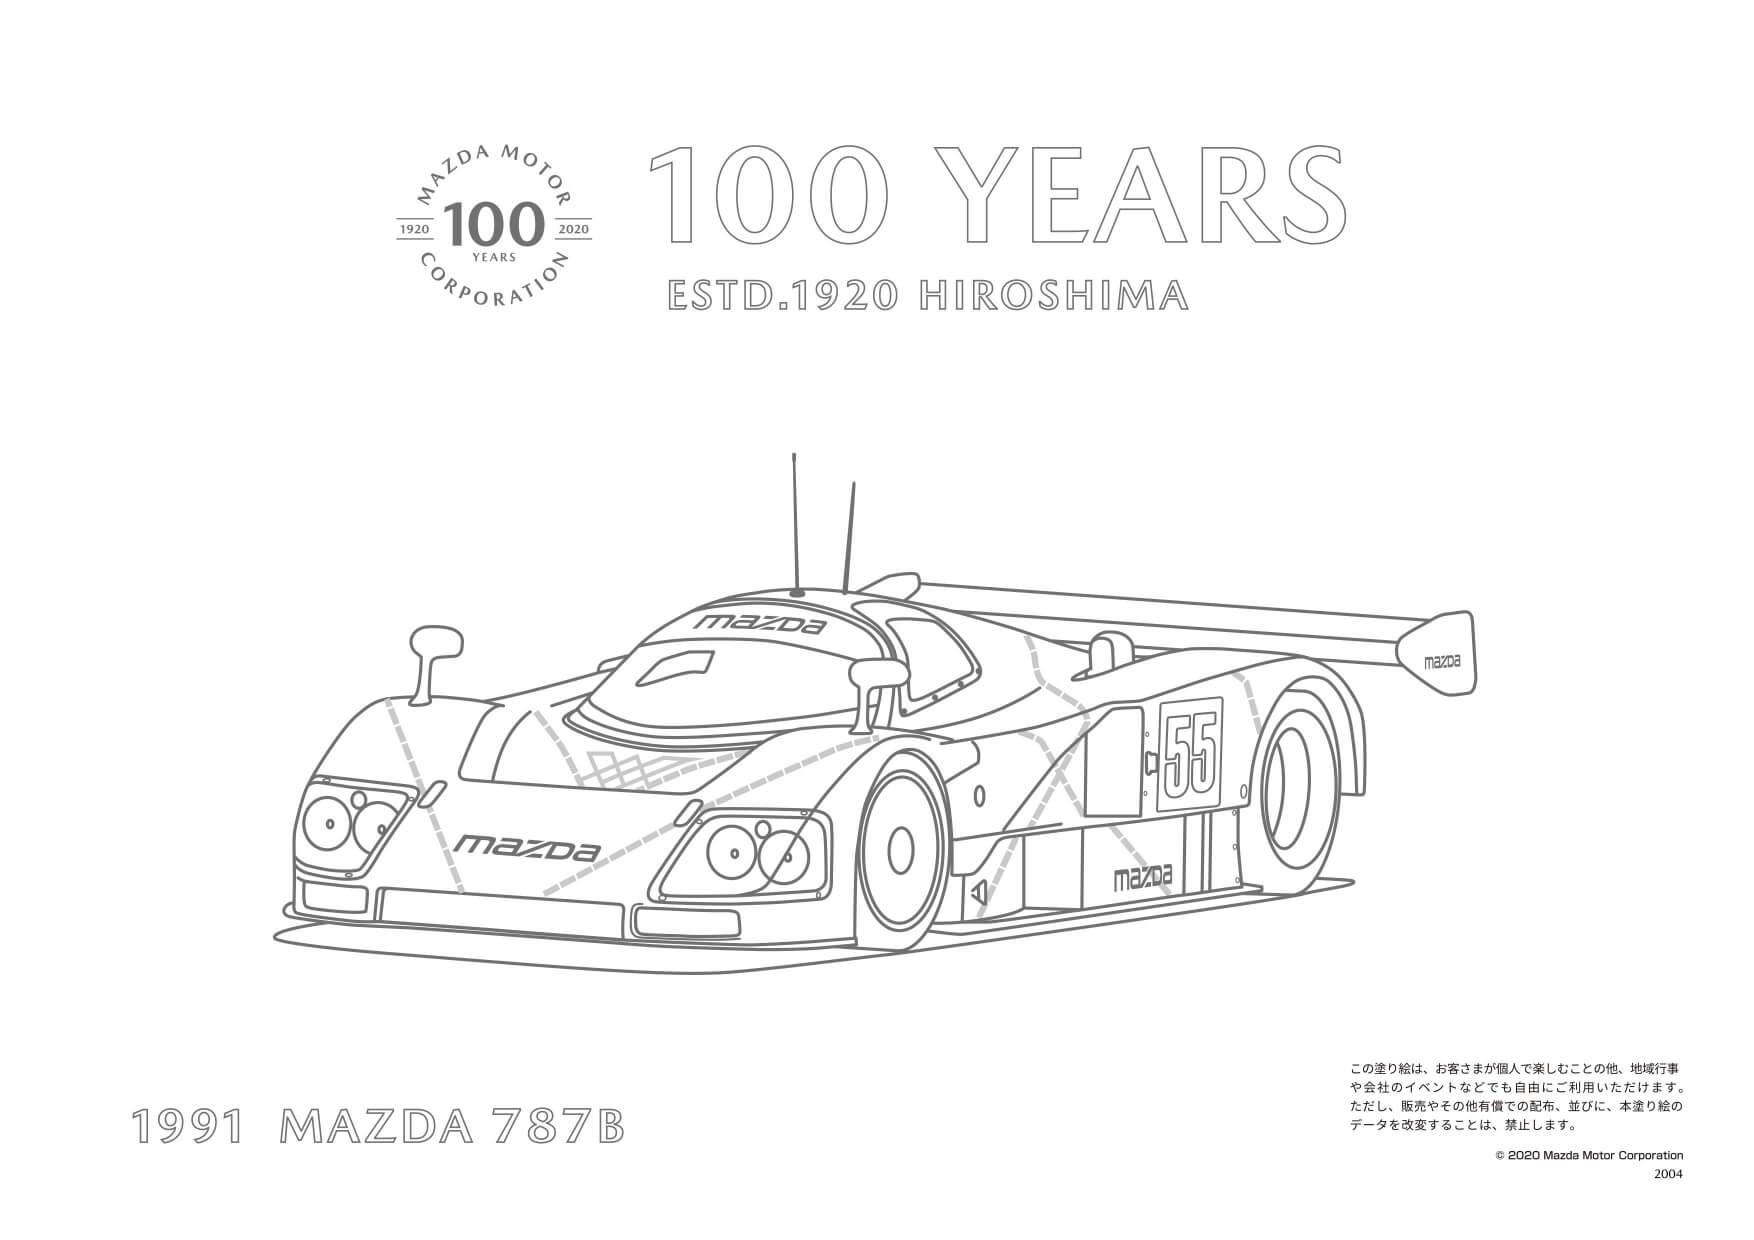 マツダ787B